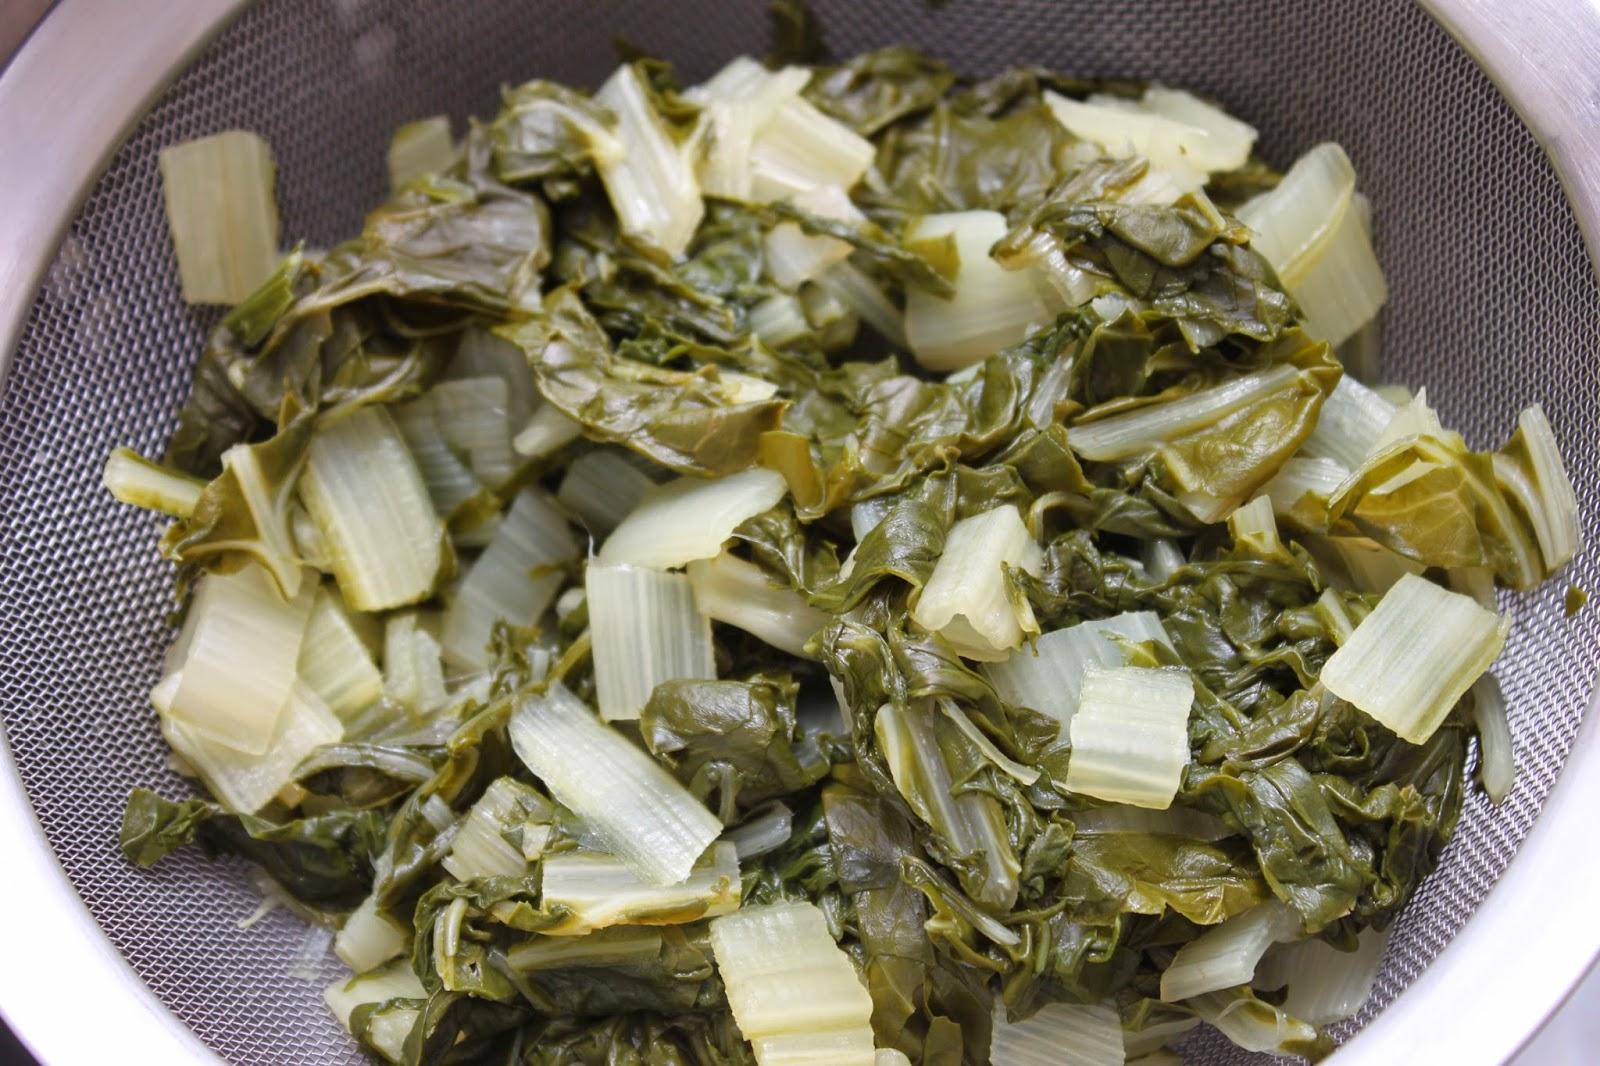 Cocinar Acelgas Frescas | Cocer Acelgas Esta Es La Forma Mas Saludable Mil Recetas